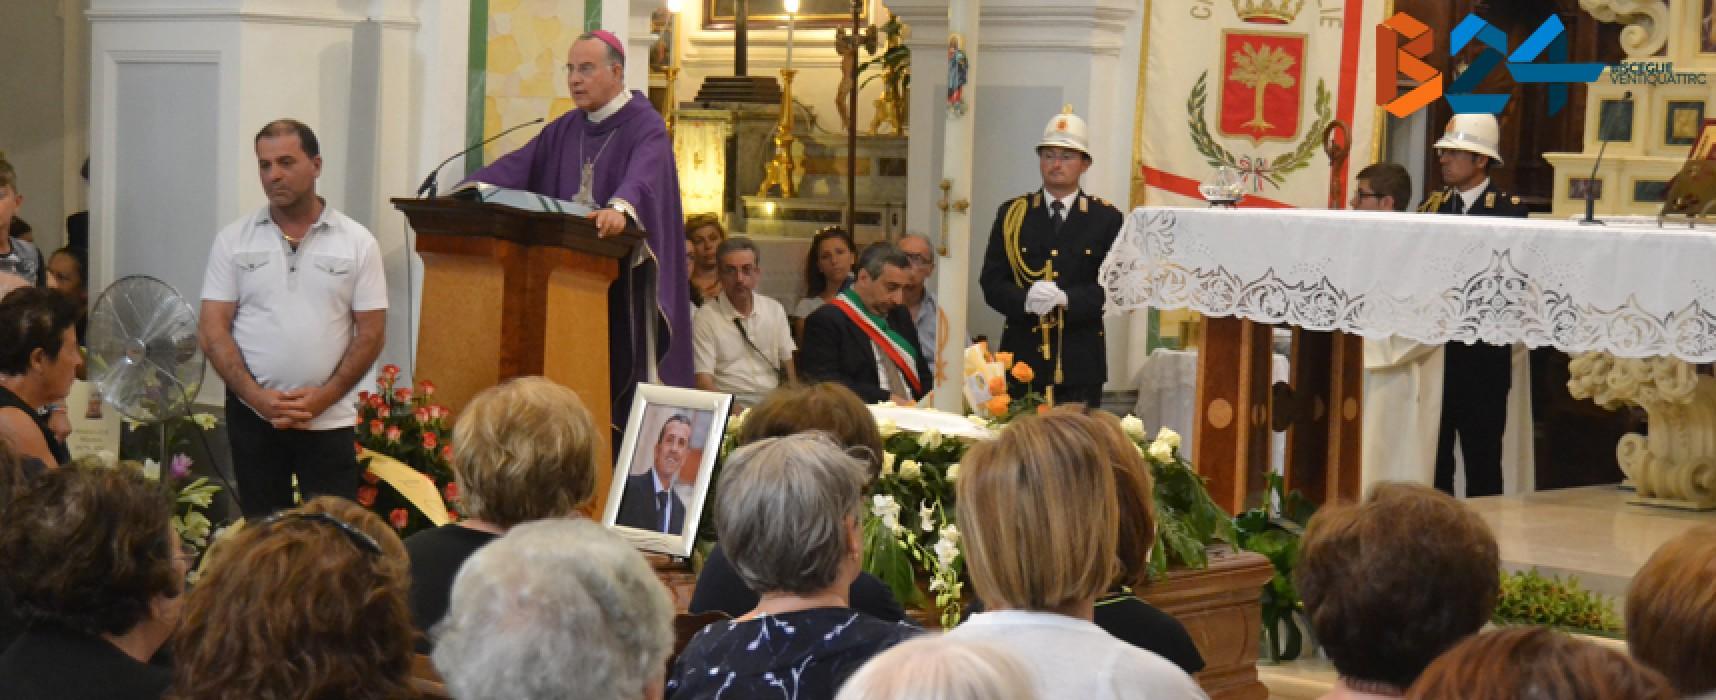 Svolti oggi pomeriggio i funerali di Tommaso Di Pierro